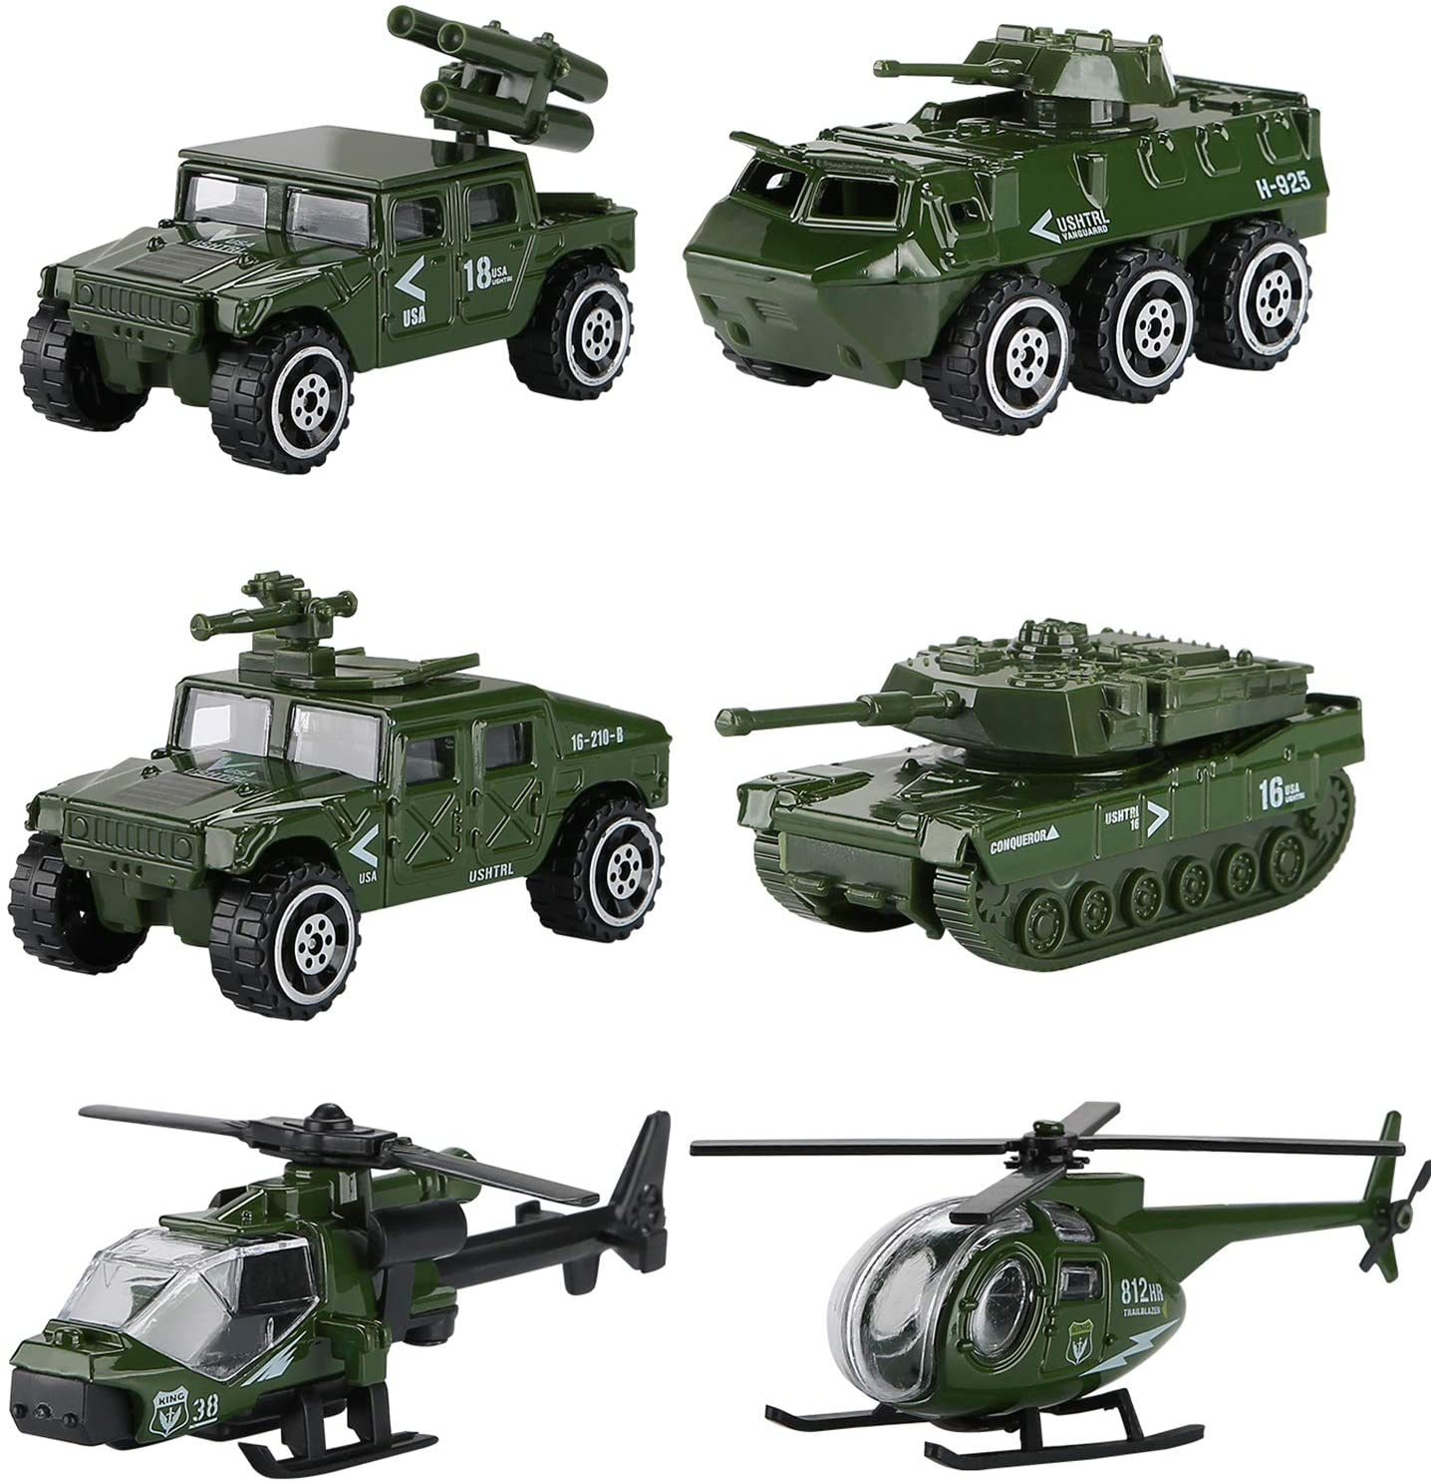 Hautton 6 Transporte de Juguete Fundidos, Mini Modelo Aleación Vehicular Camioneta Camión Tanque Helicóptero Militar para Niños Chicos -Ejército